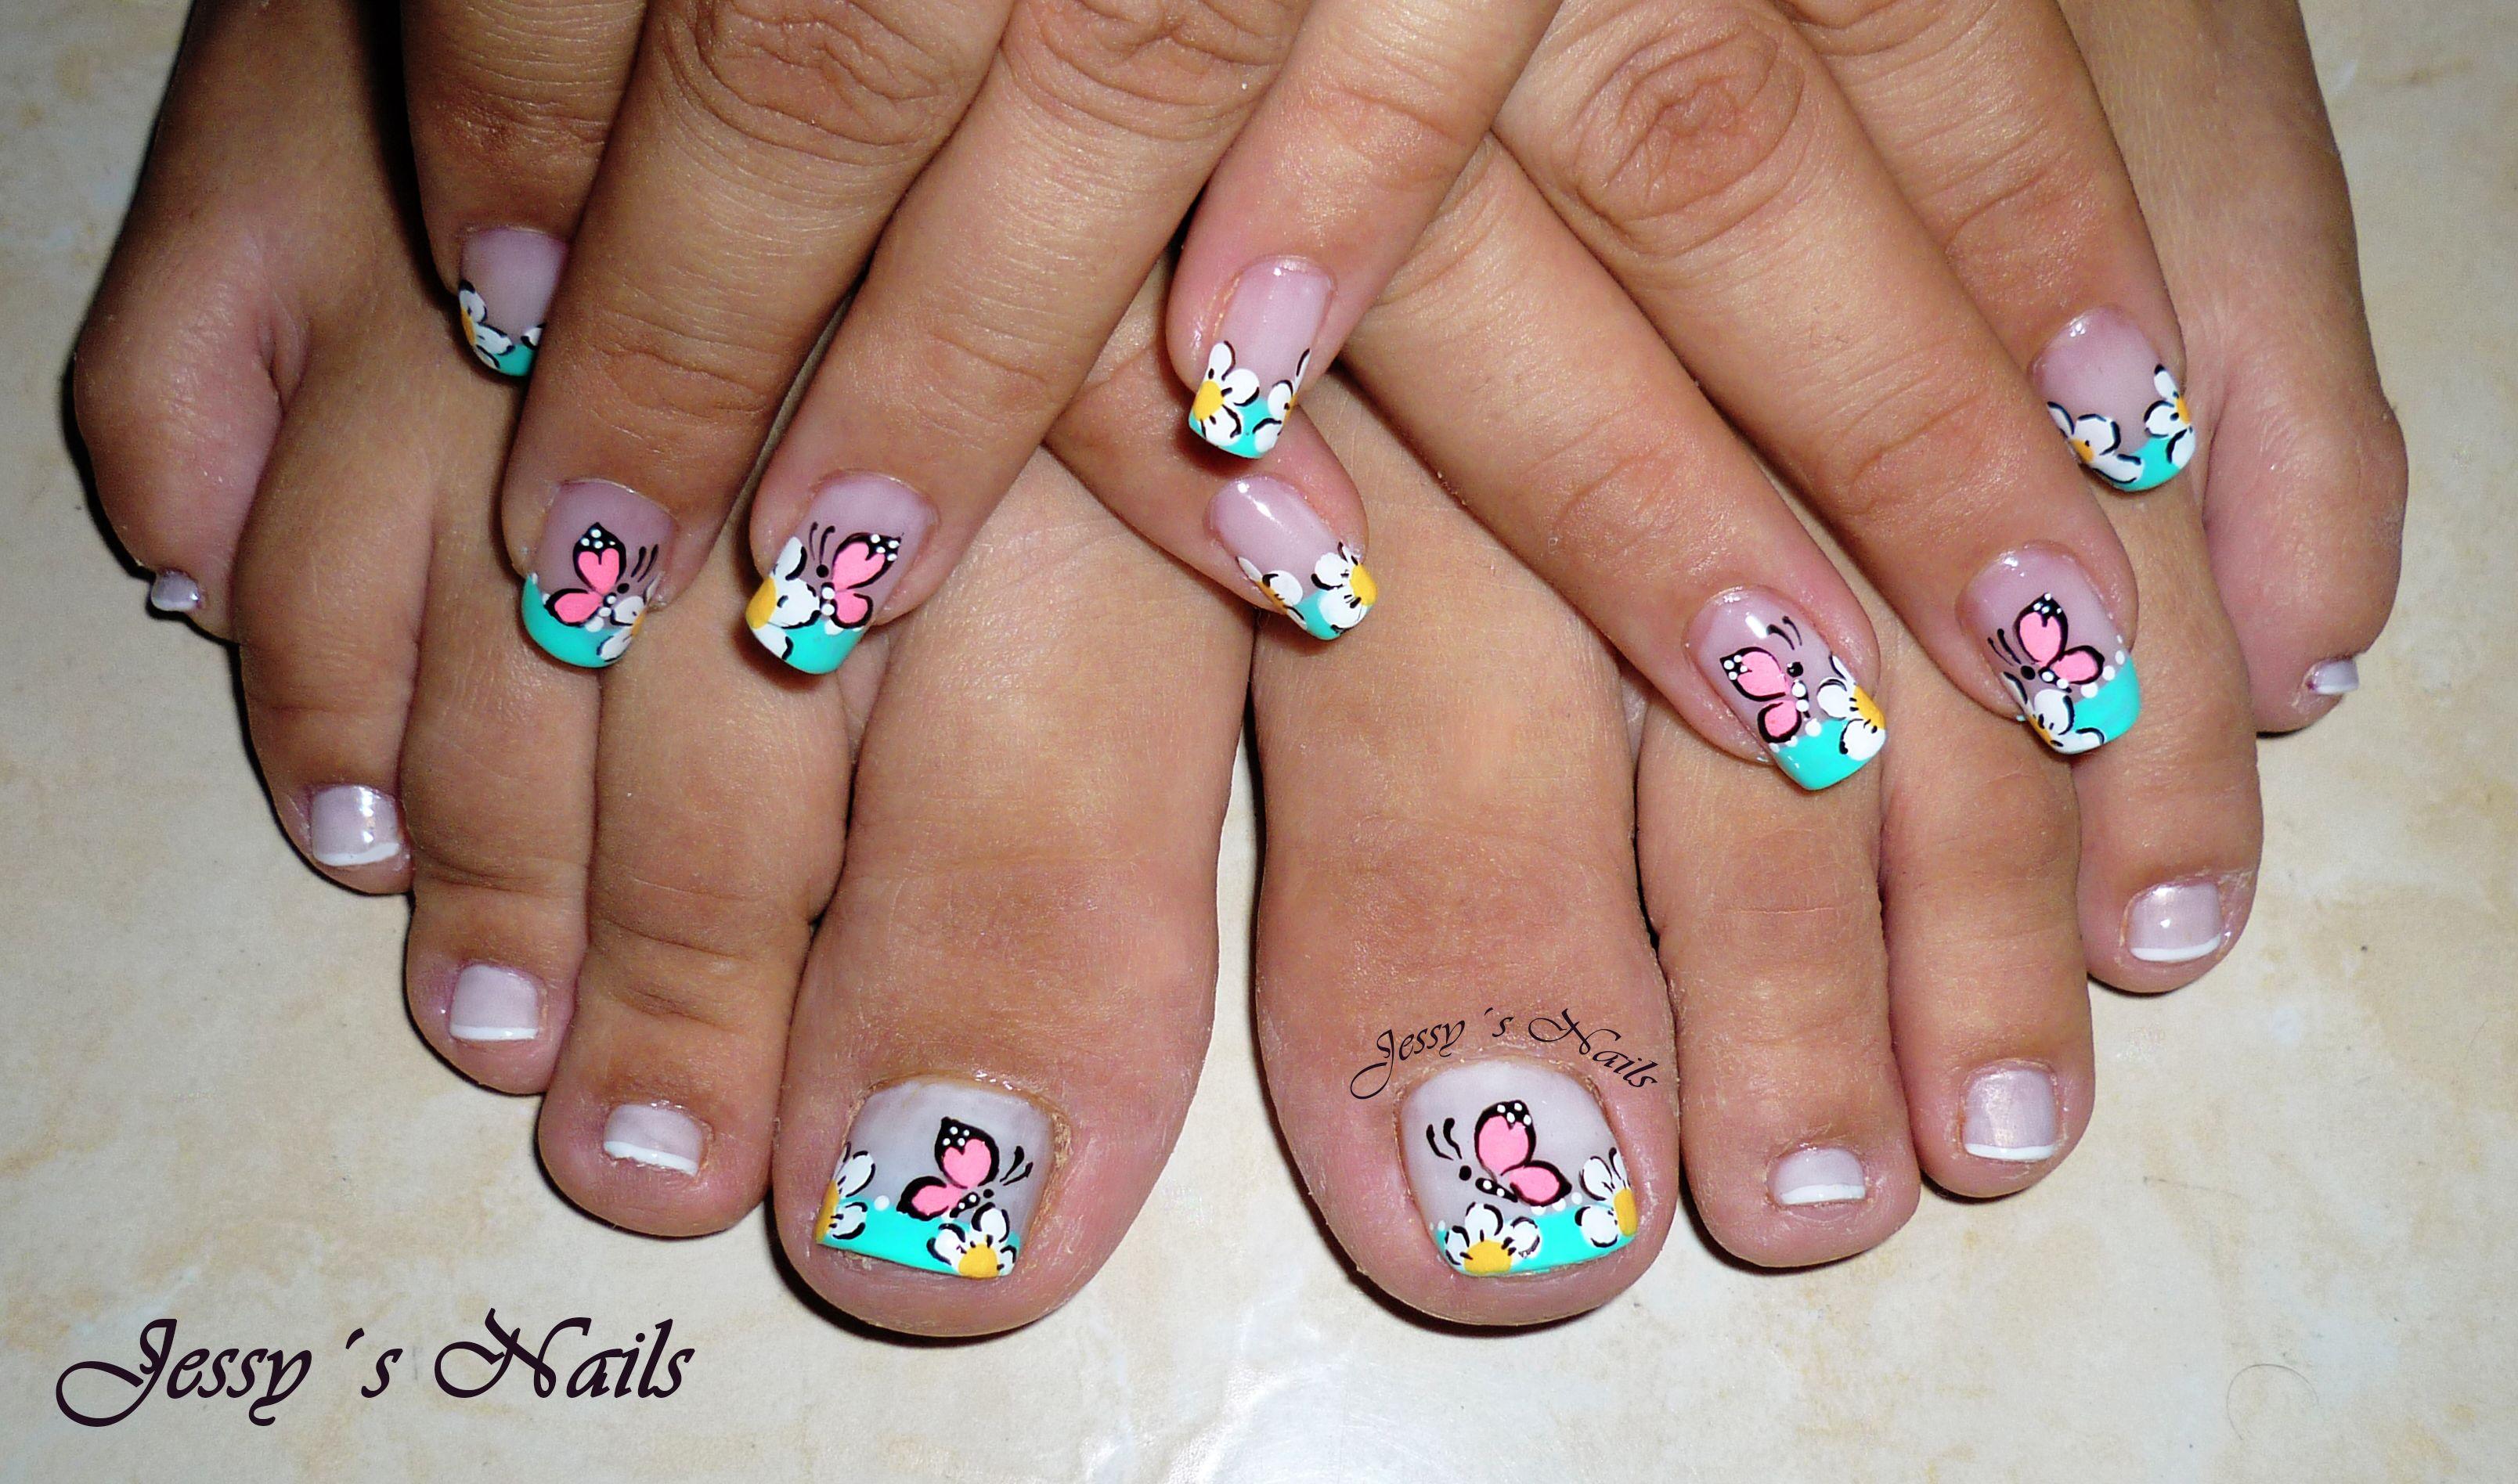 Diseño Para Manos Y Pies Con Flores Y Mariposas Cute Nailart